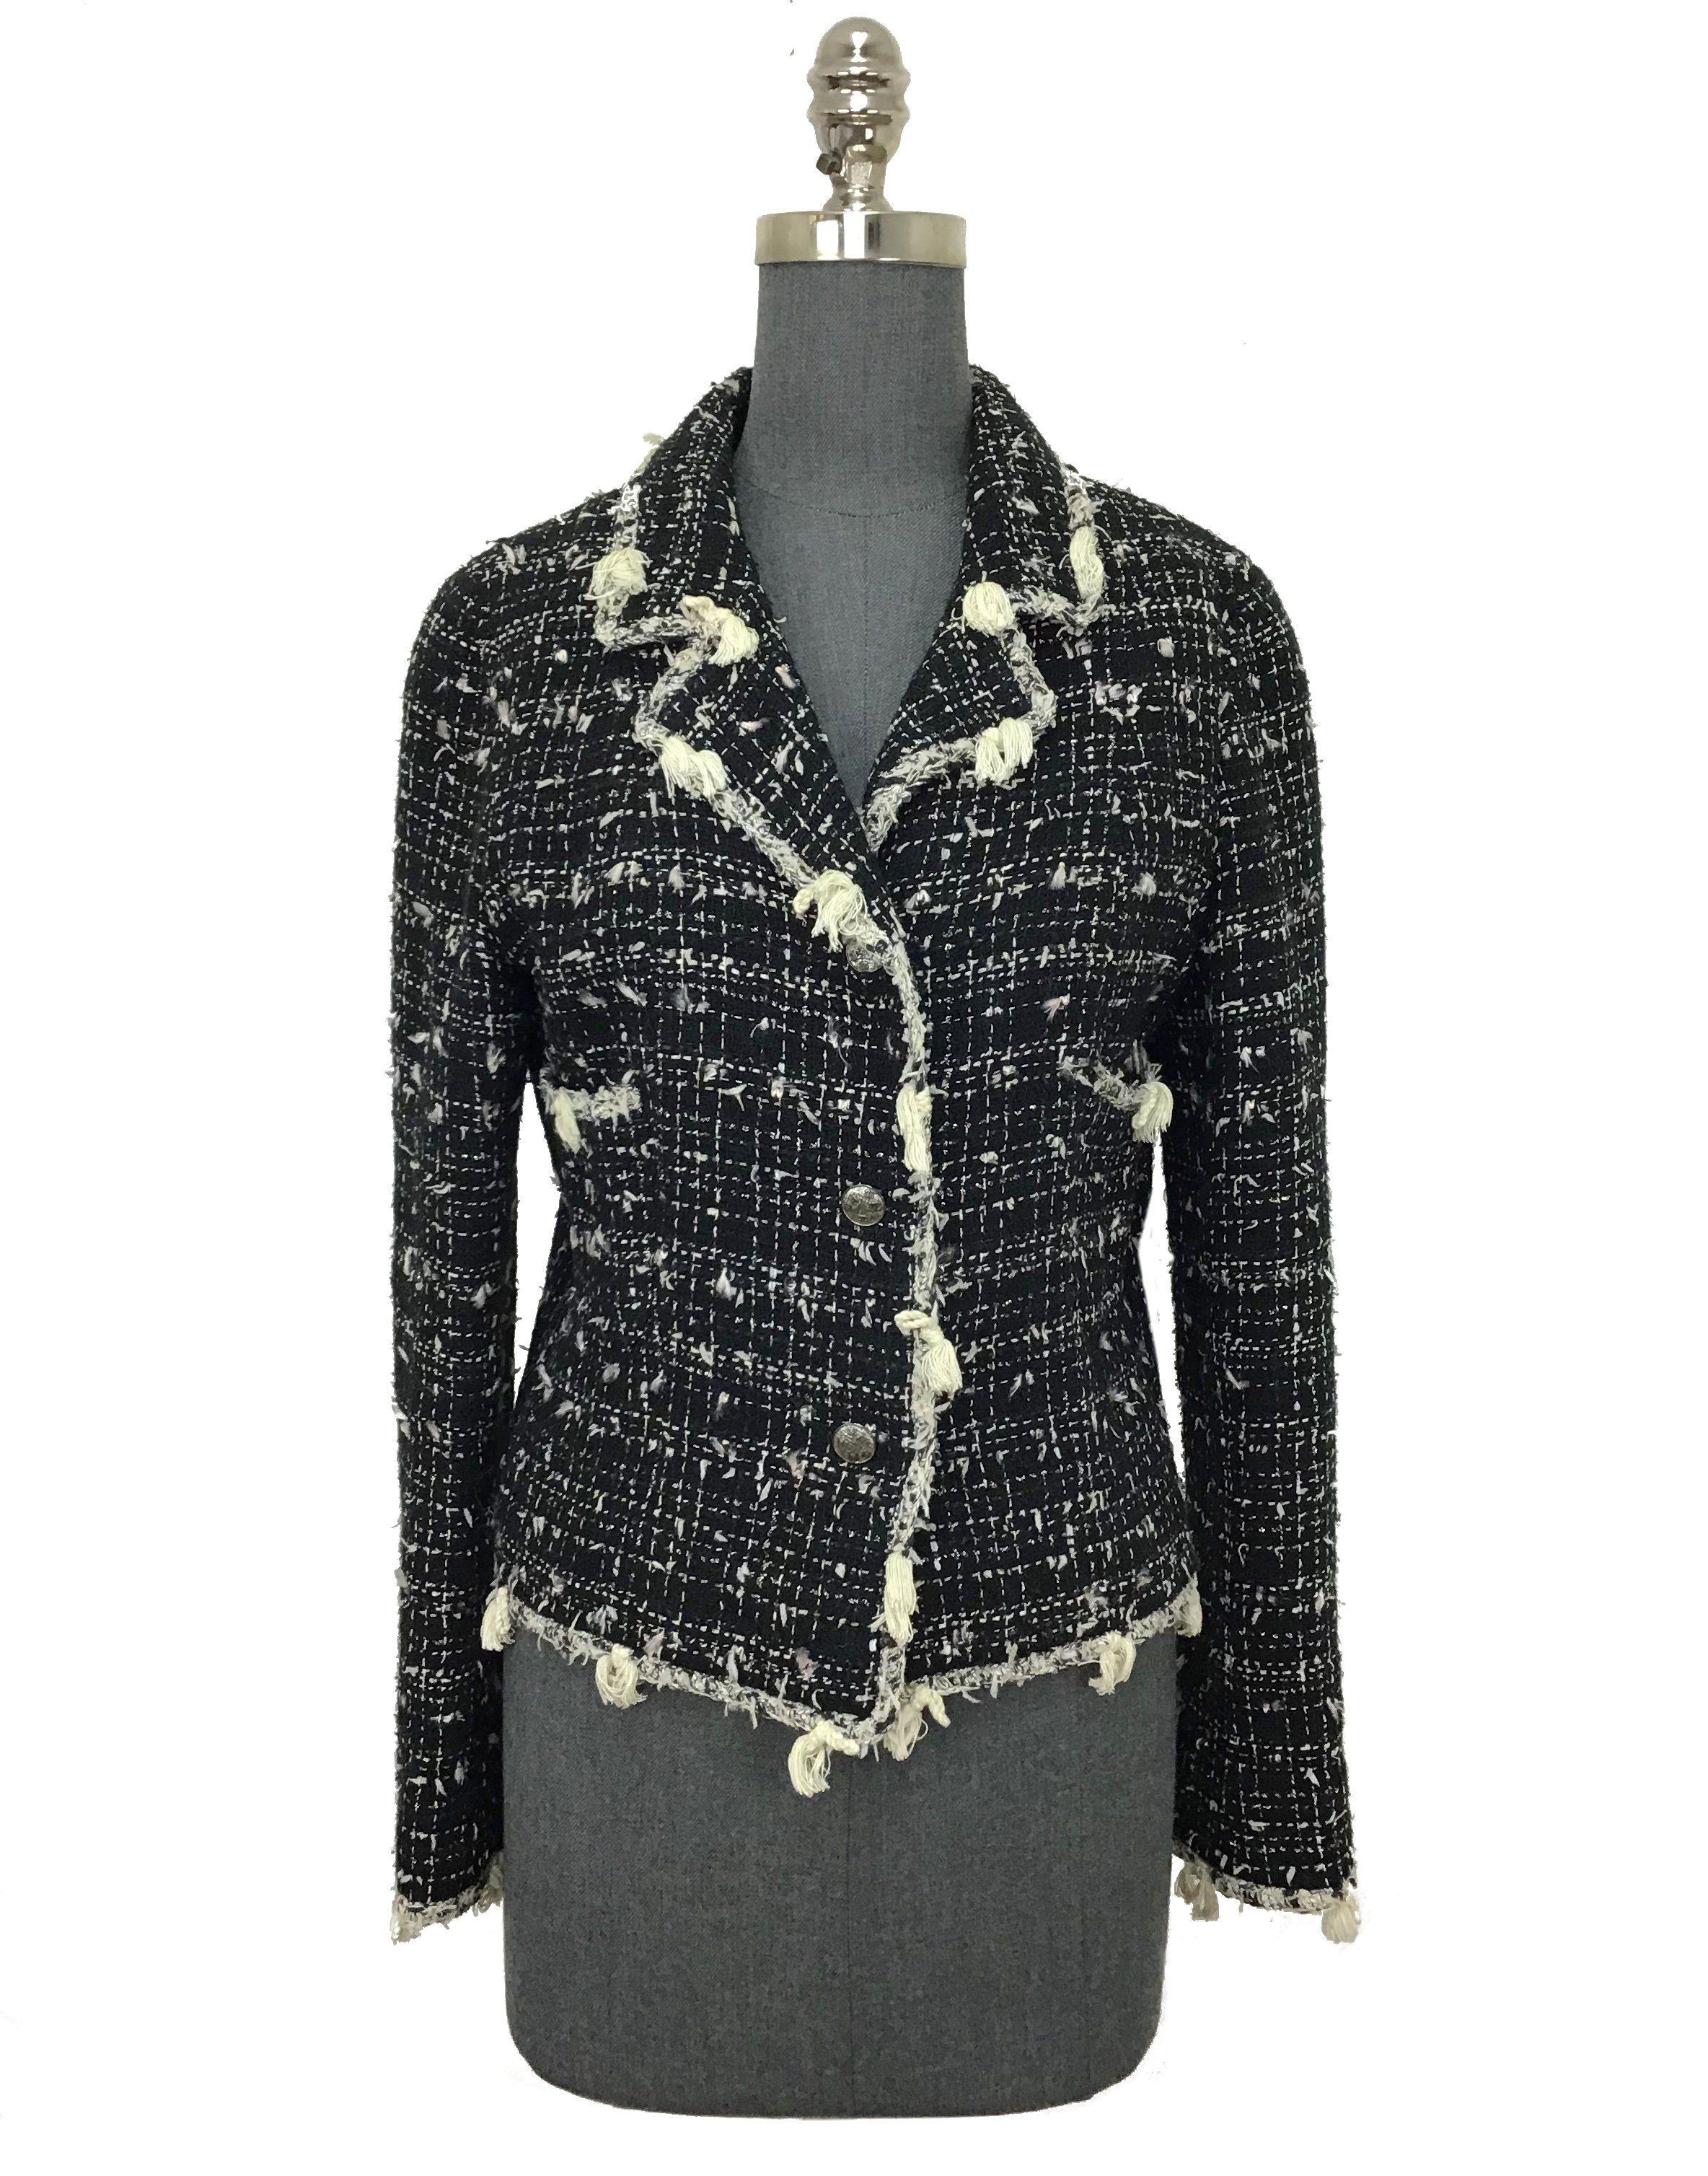 1baa915b9 Chanel Textured Tweed Jacket with Fringe Size M   Products   Tweed ...